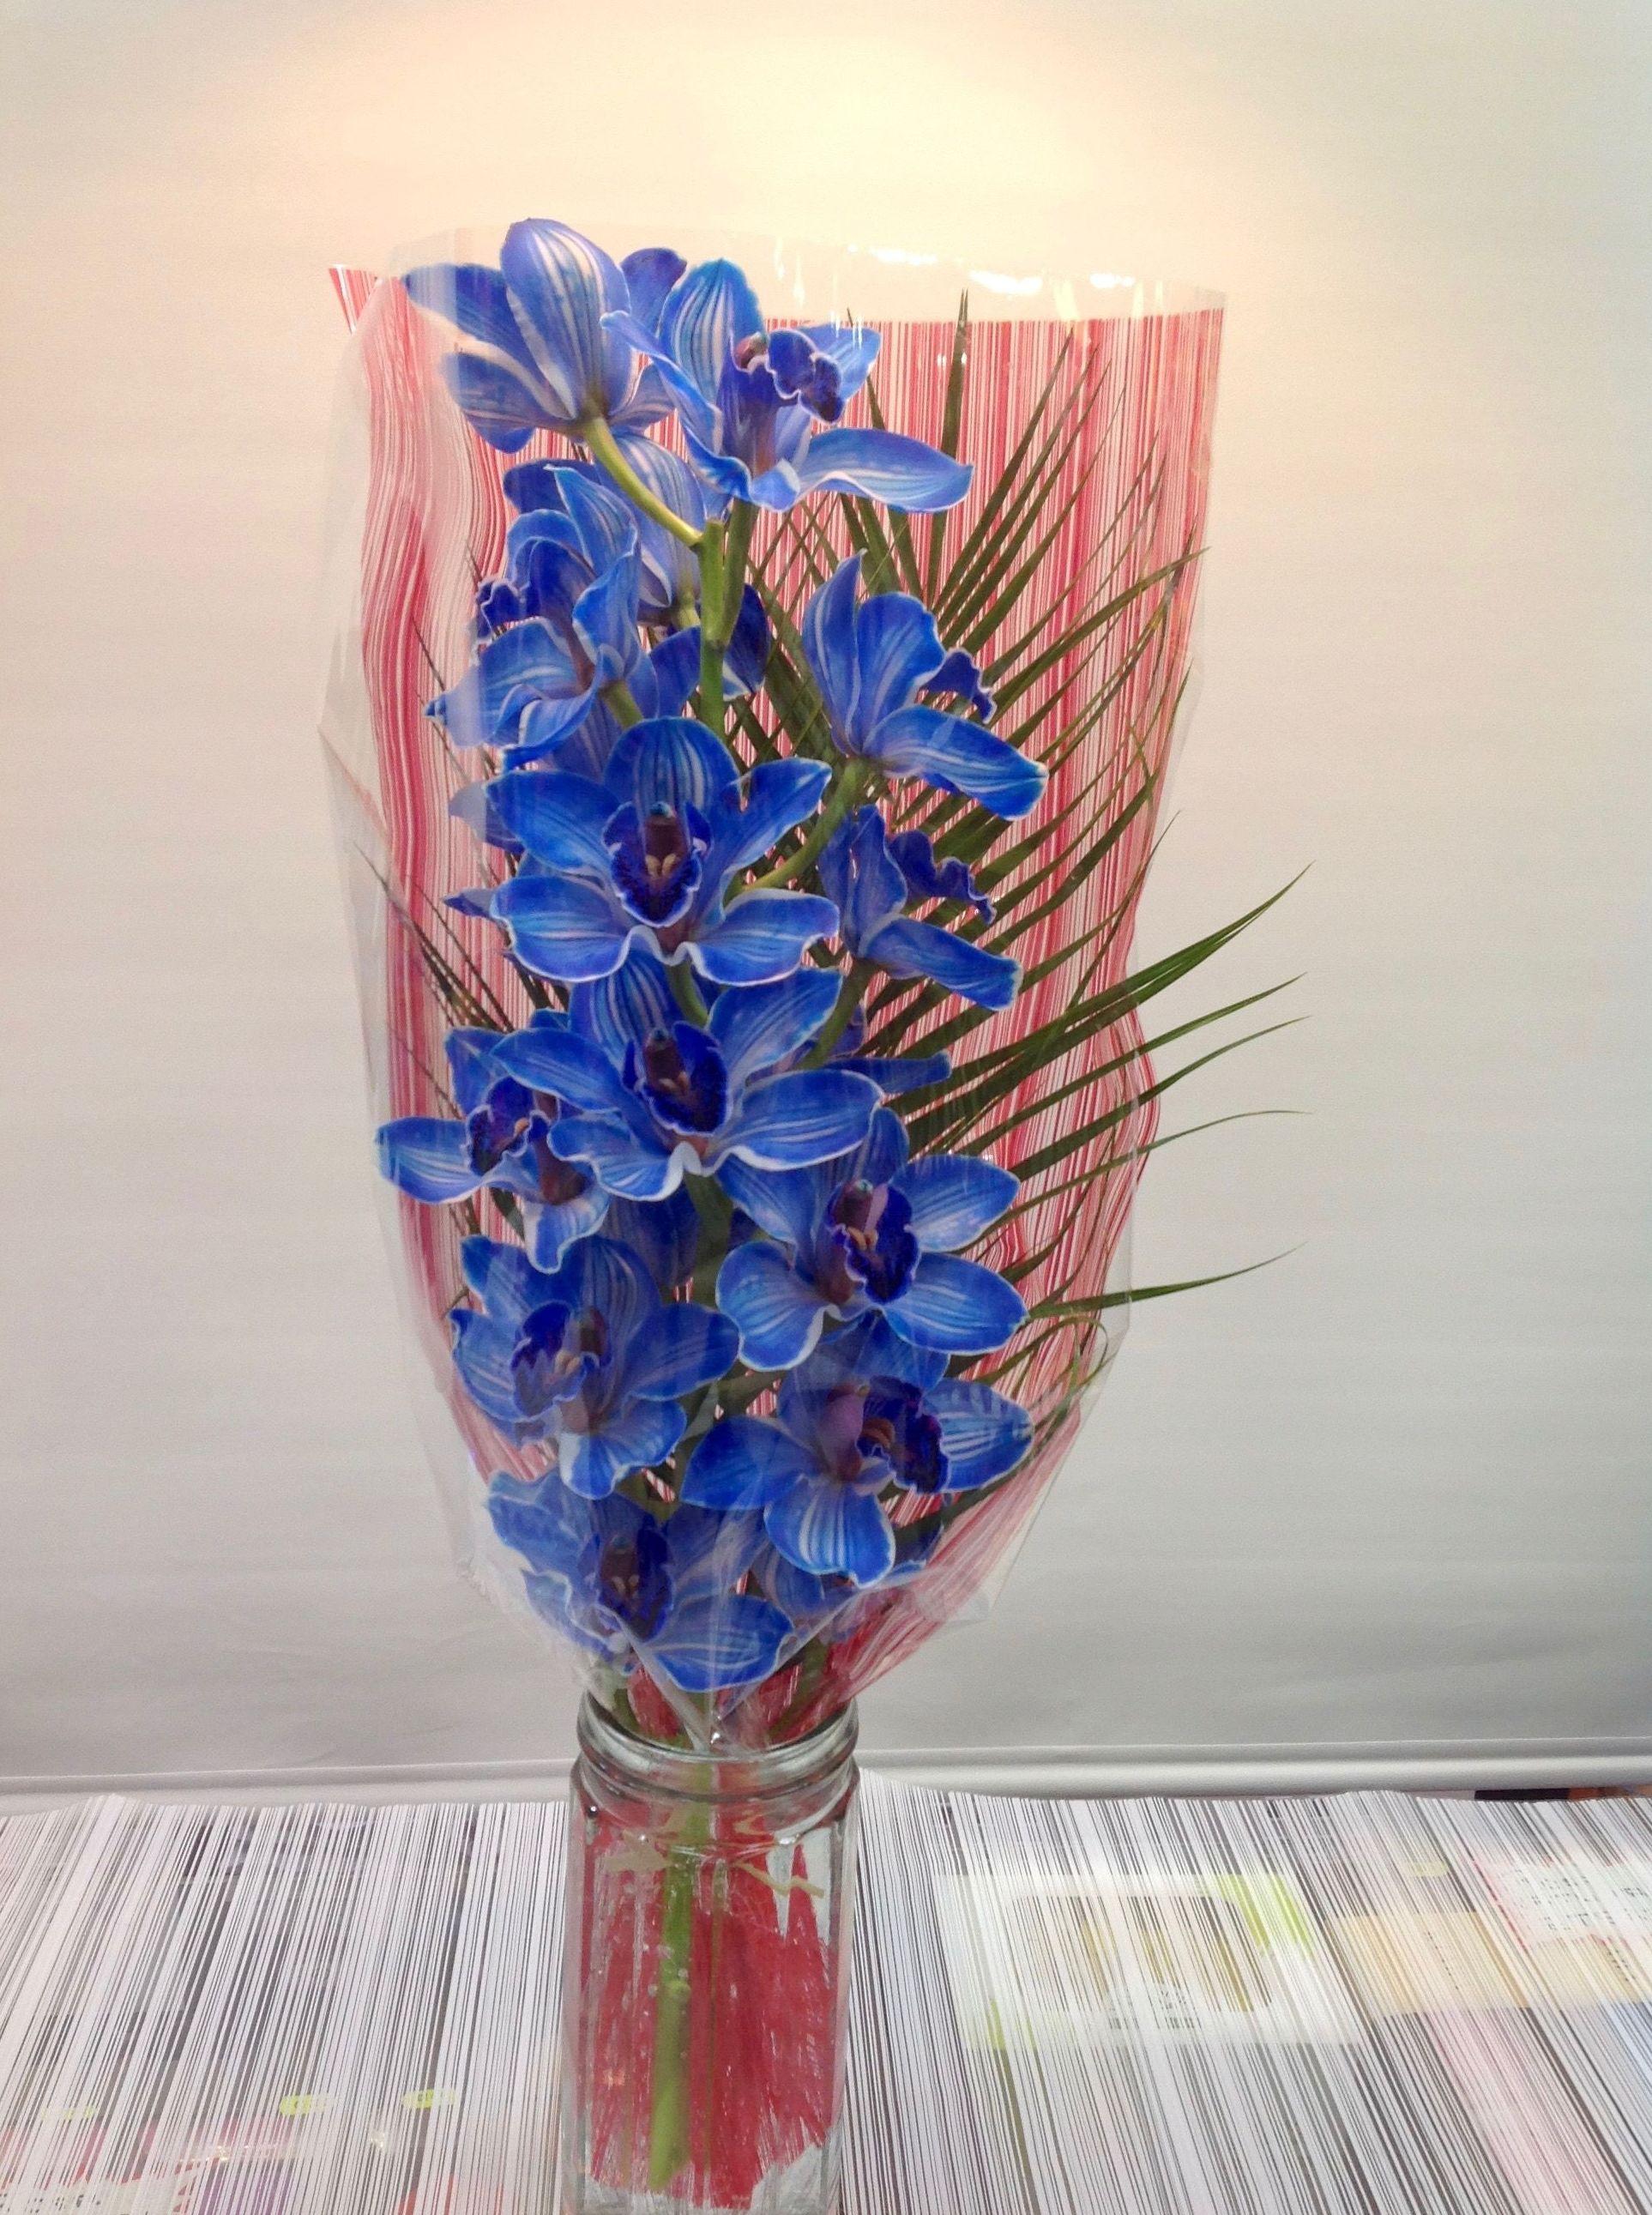 Bara de orquídeas grande:  de Floristería Contreras